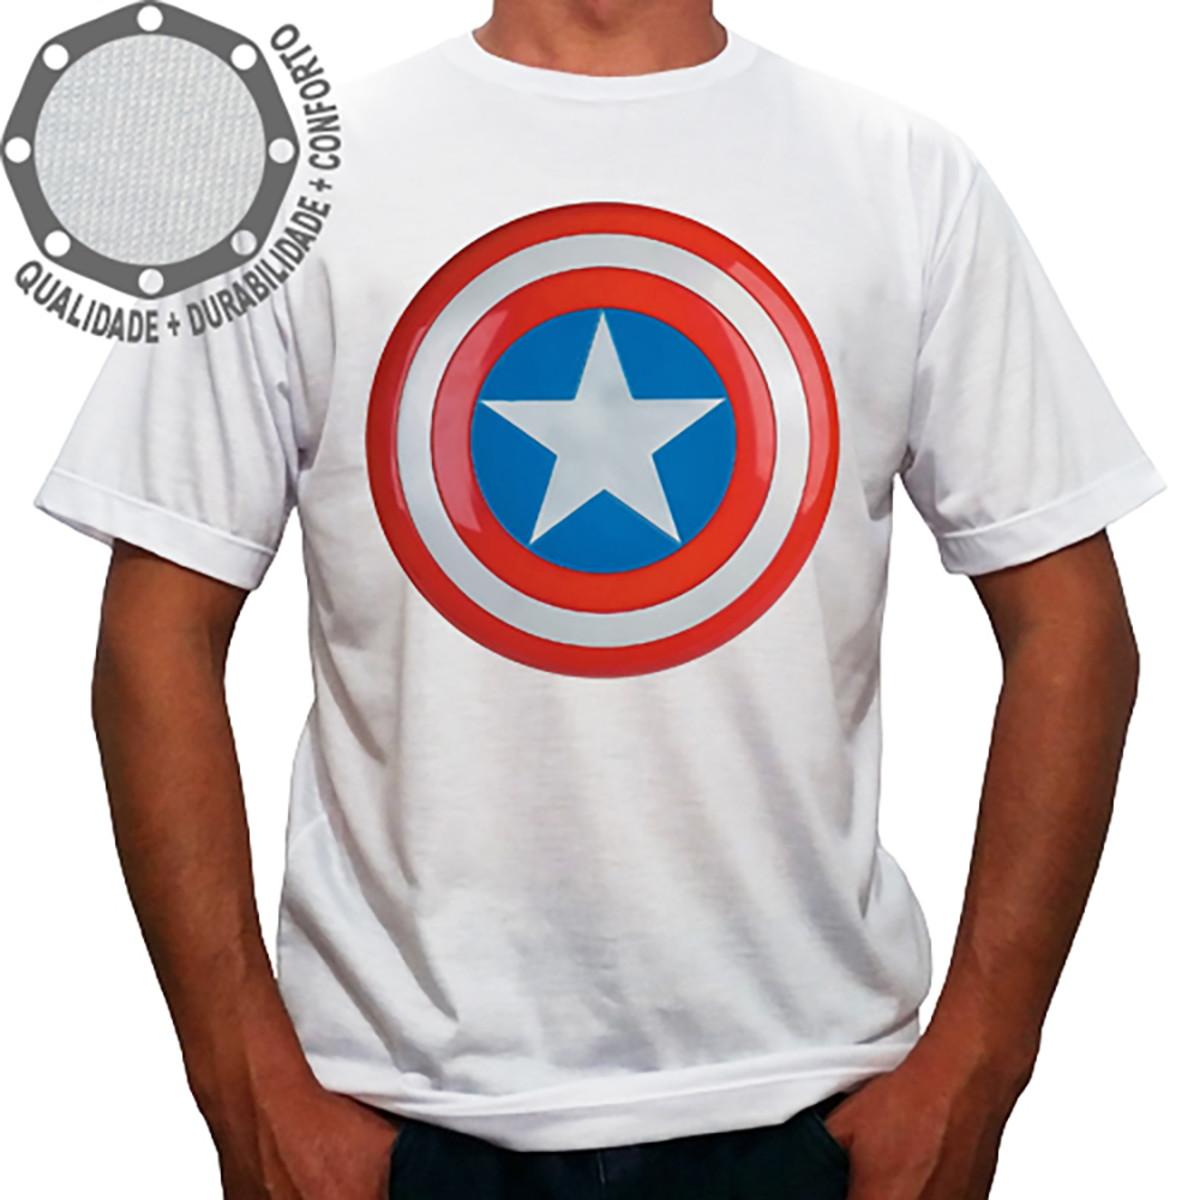 c51c08c49f Camiseta Capitão América Escudo no Elo7